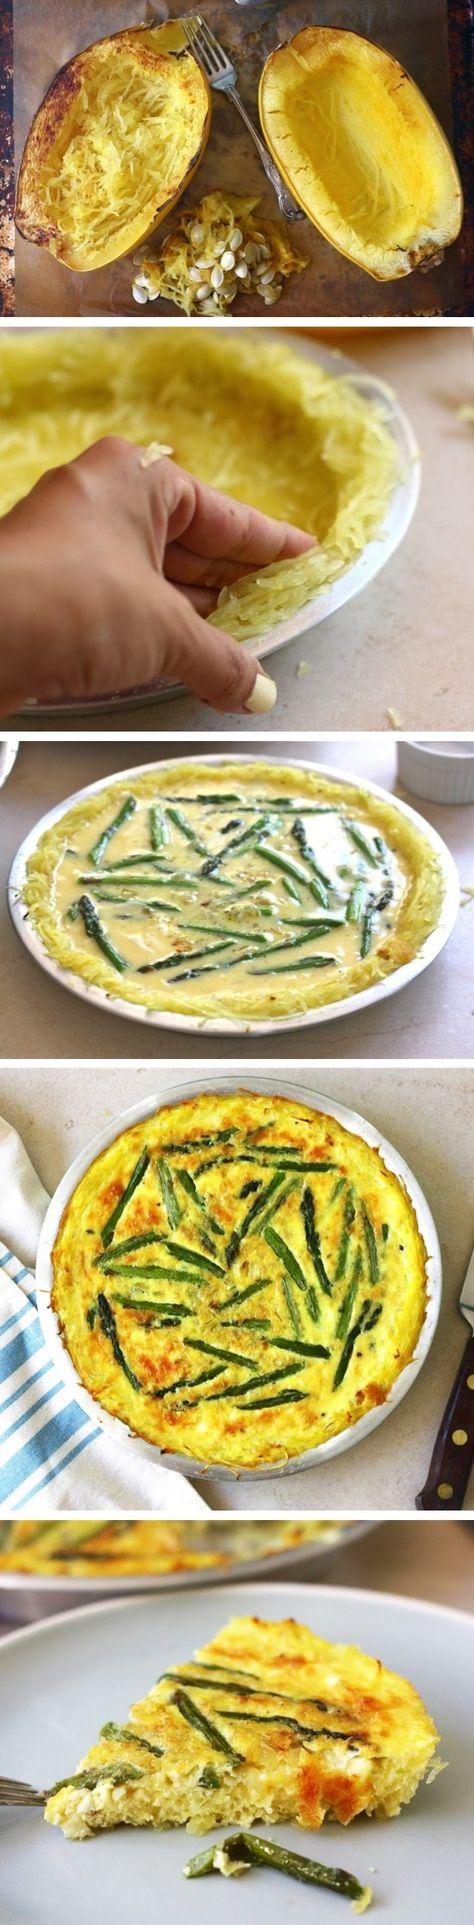 Spaghetti Squash Crust Asparagus Quiche by tastykitchen #Quiche #Spagetti_Squash #Asparagus #GF